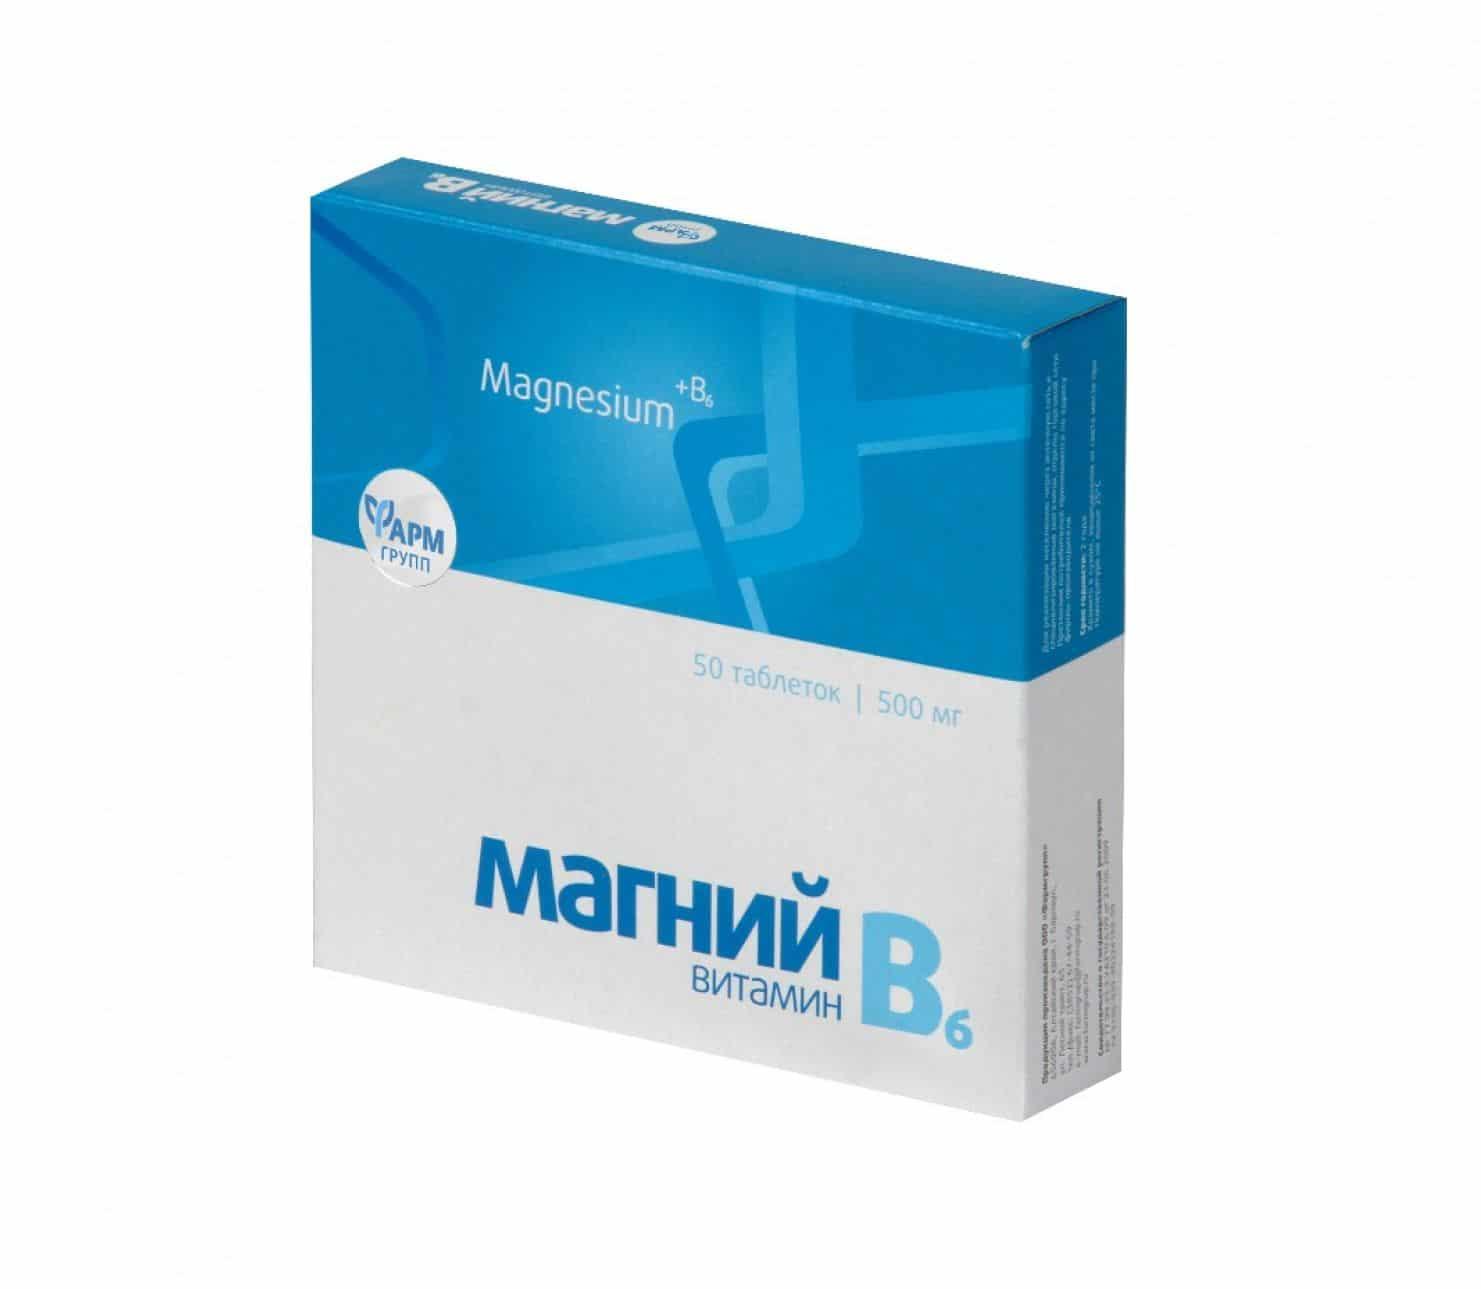 Как беременным принимать магний б6 83